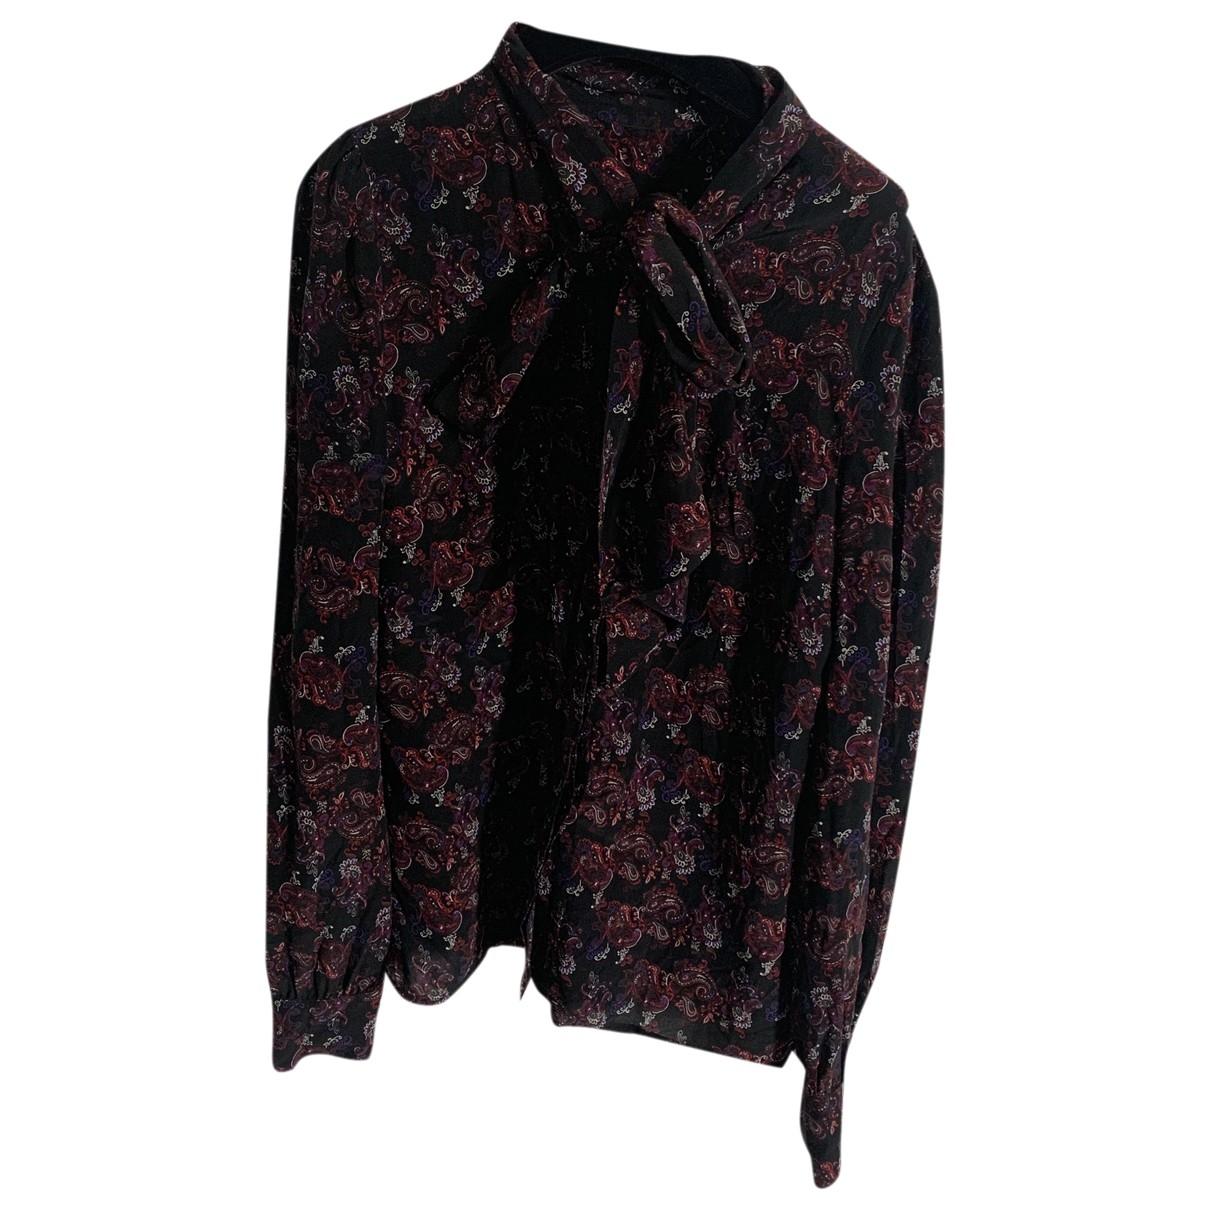 Berenice - Top   pour femme en soie - multicolore